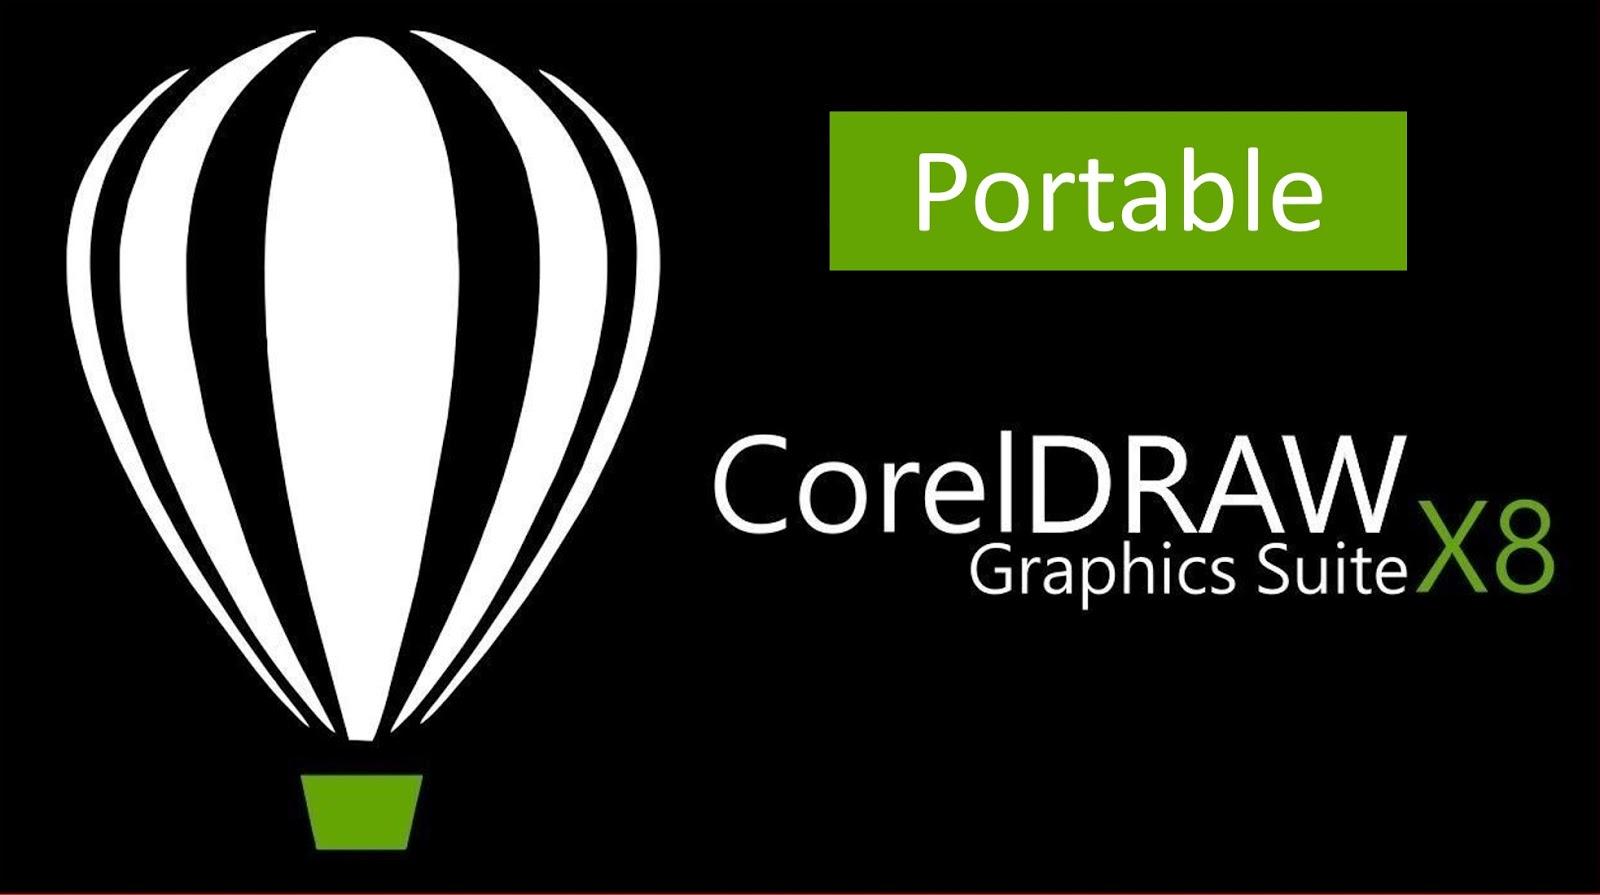 corel draw 14 portable free download